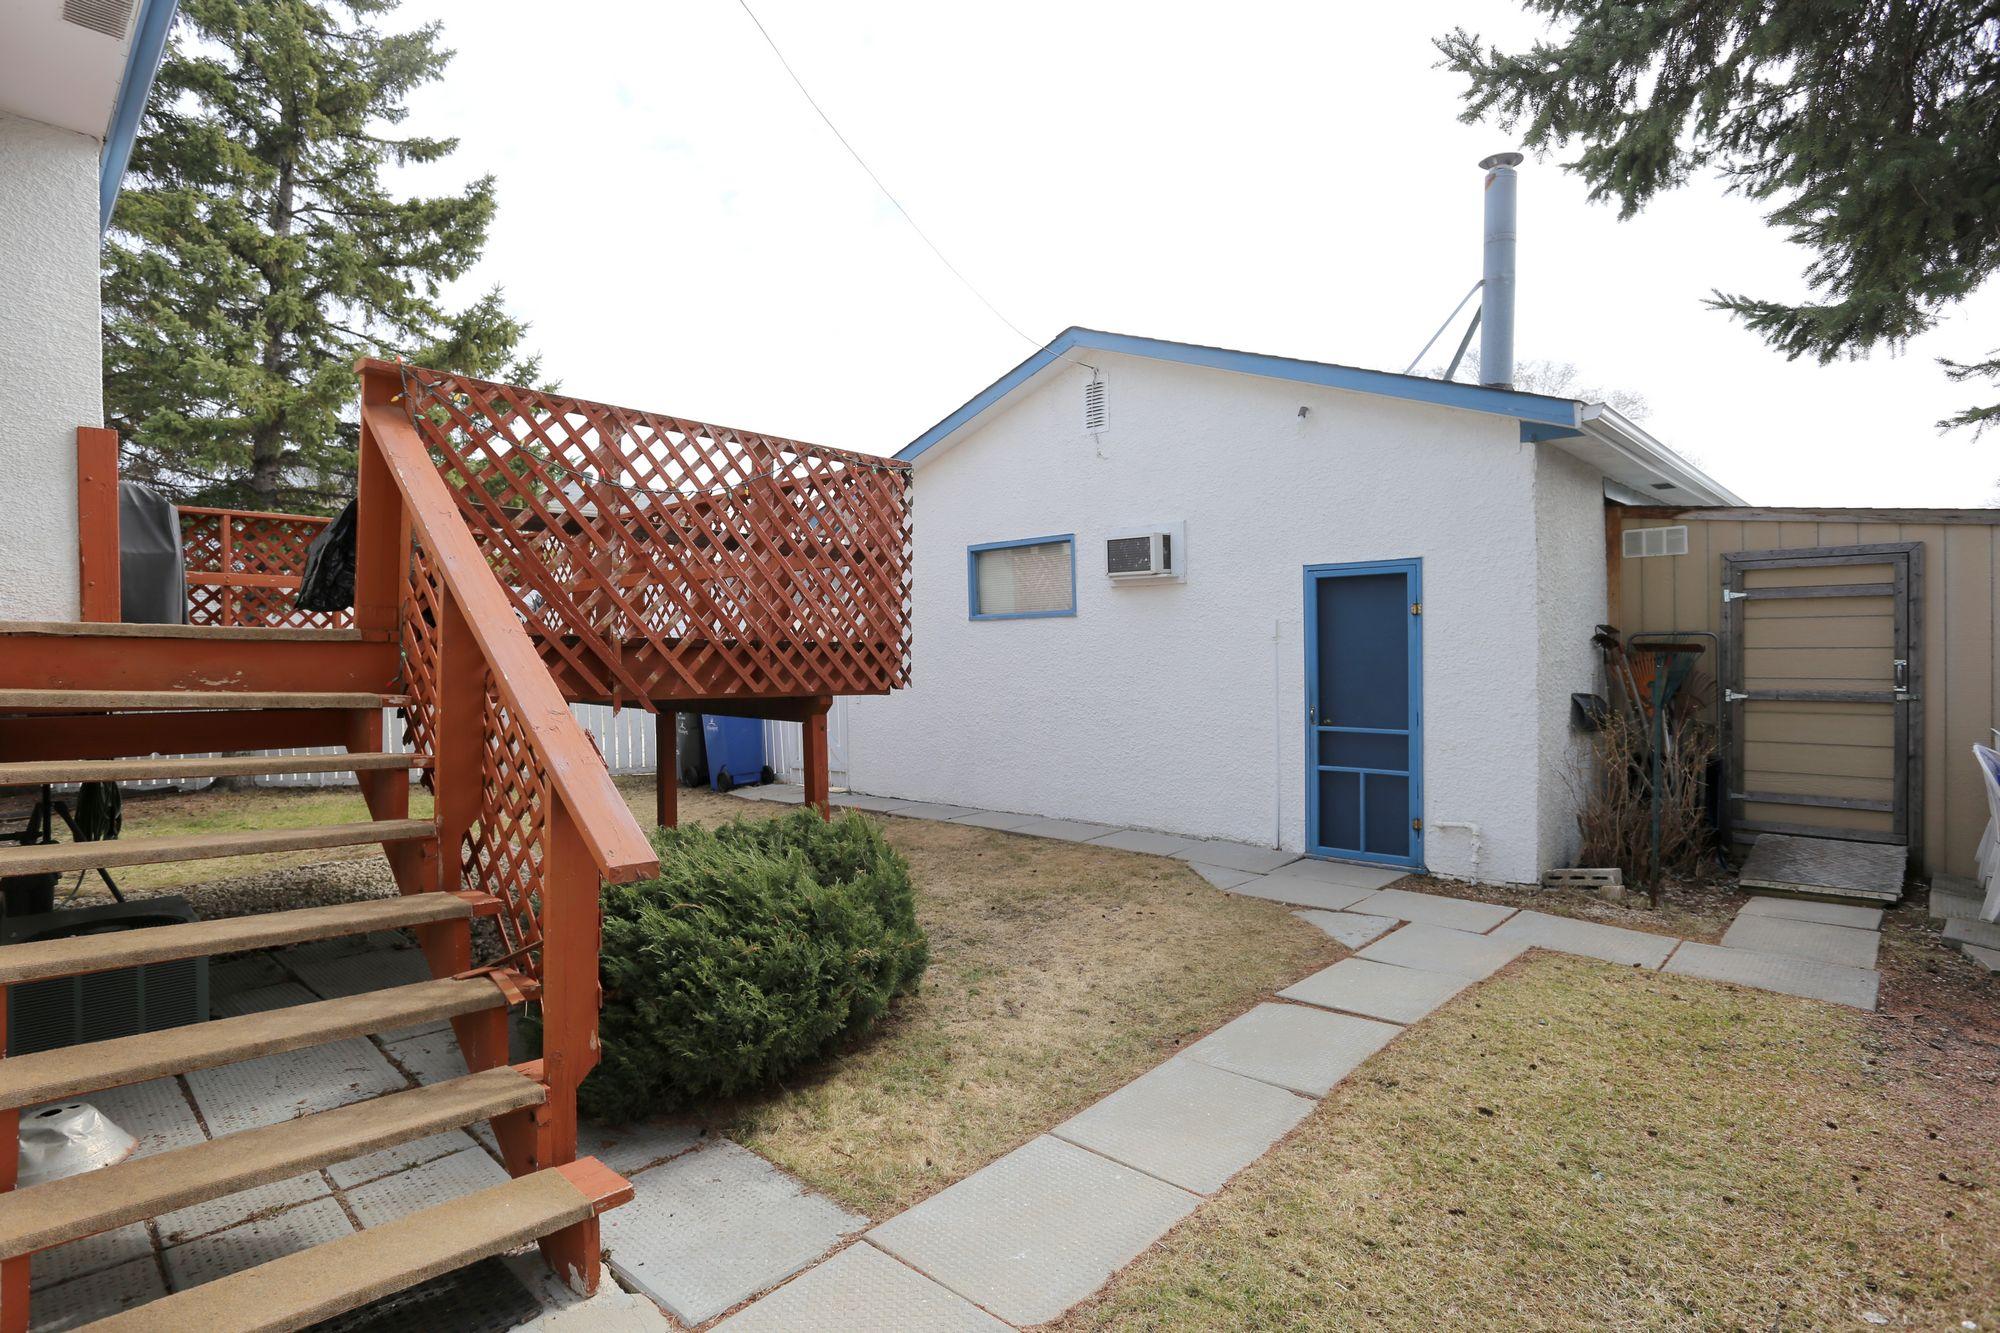 11 Kullman Street, Winnipeg, Manitoba  R2K 3S3 - Photo 21 - 1609869